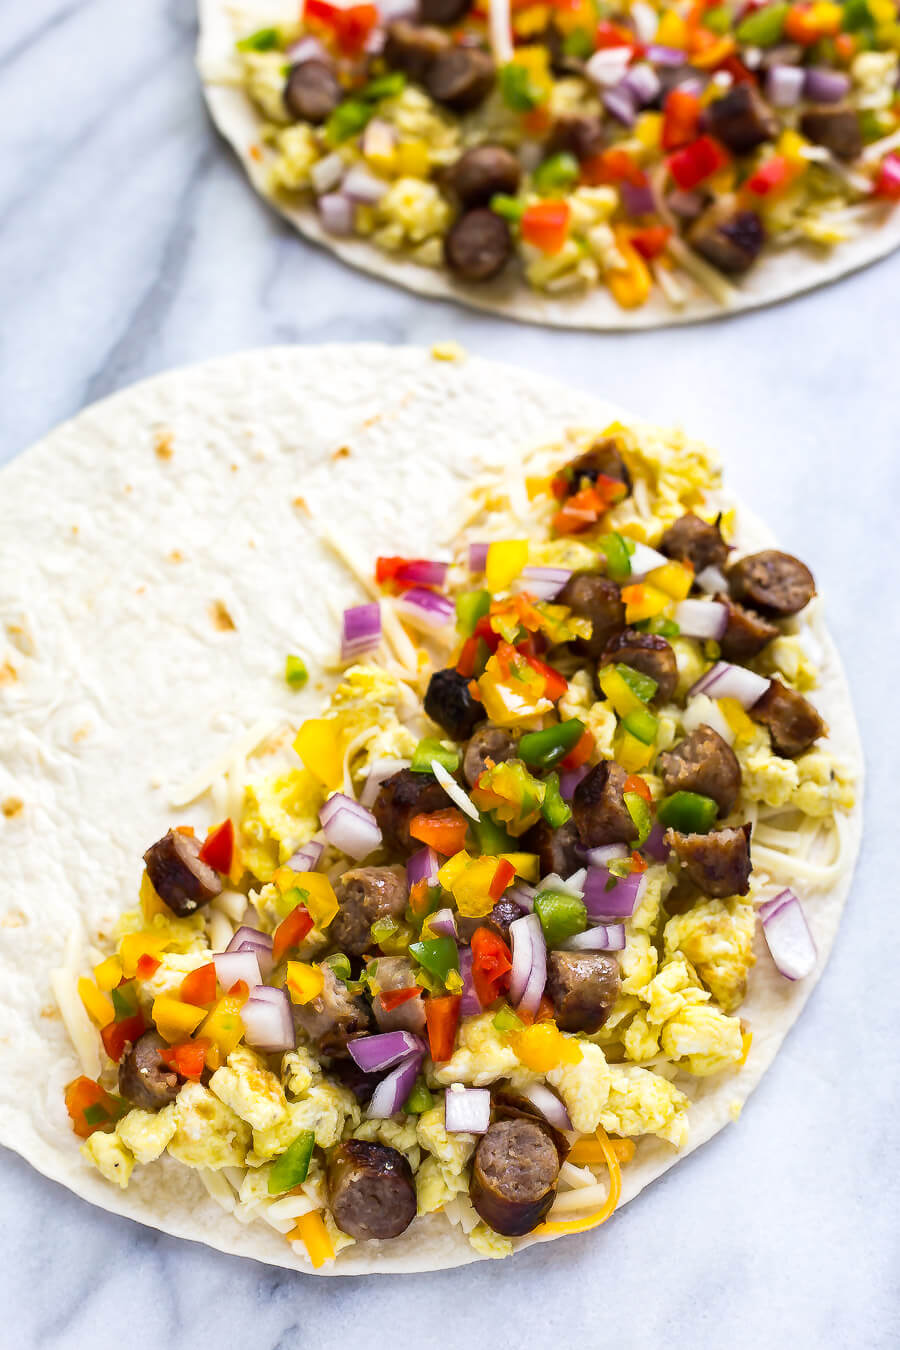 Freezer-Friendly-Tex-Mex-Breakfast-Quesadillas-2.jpg